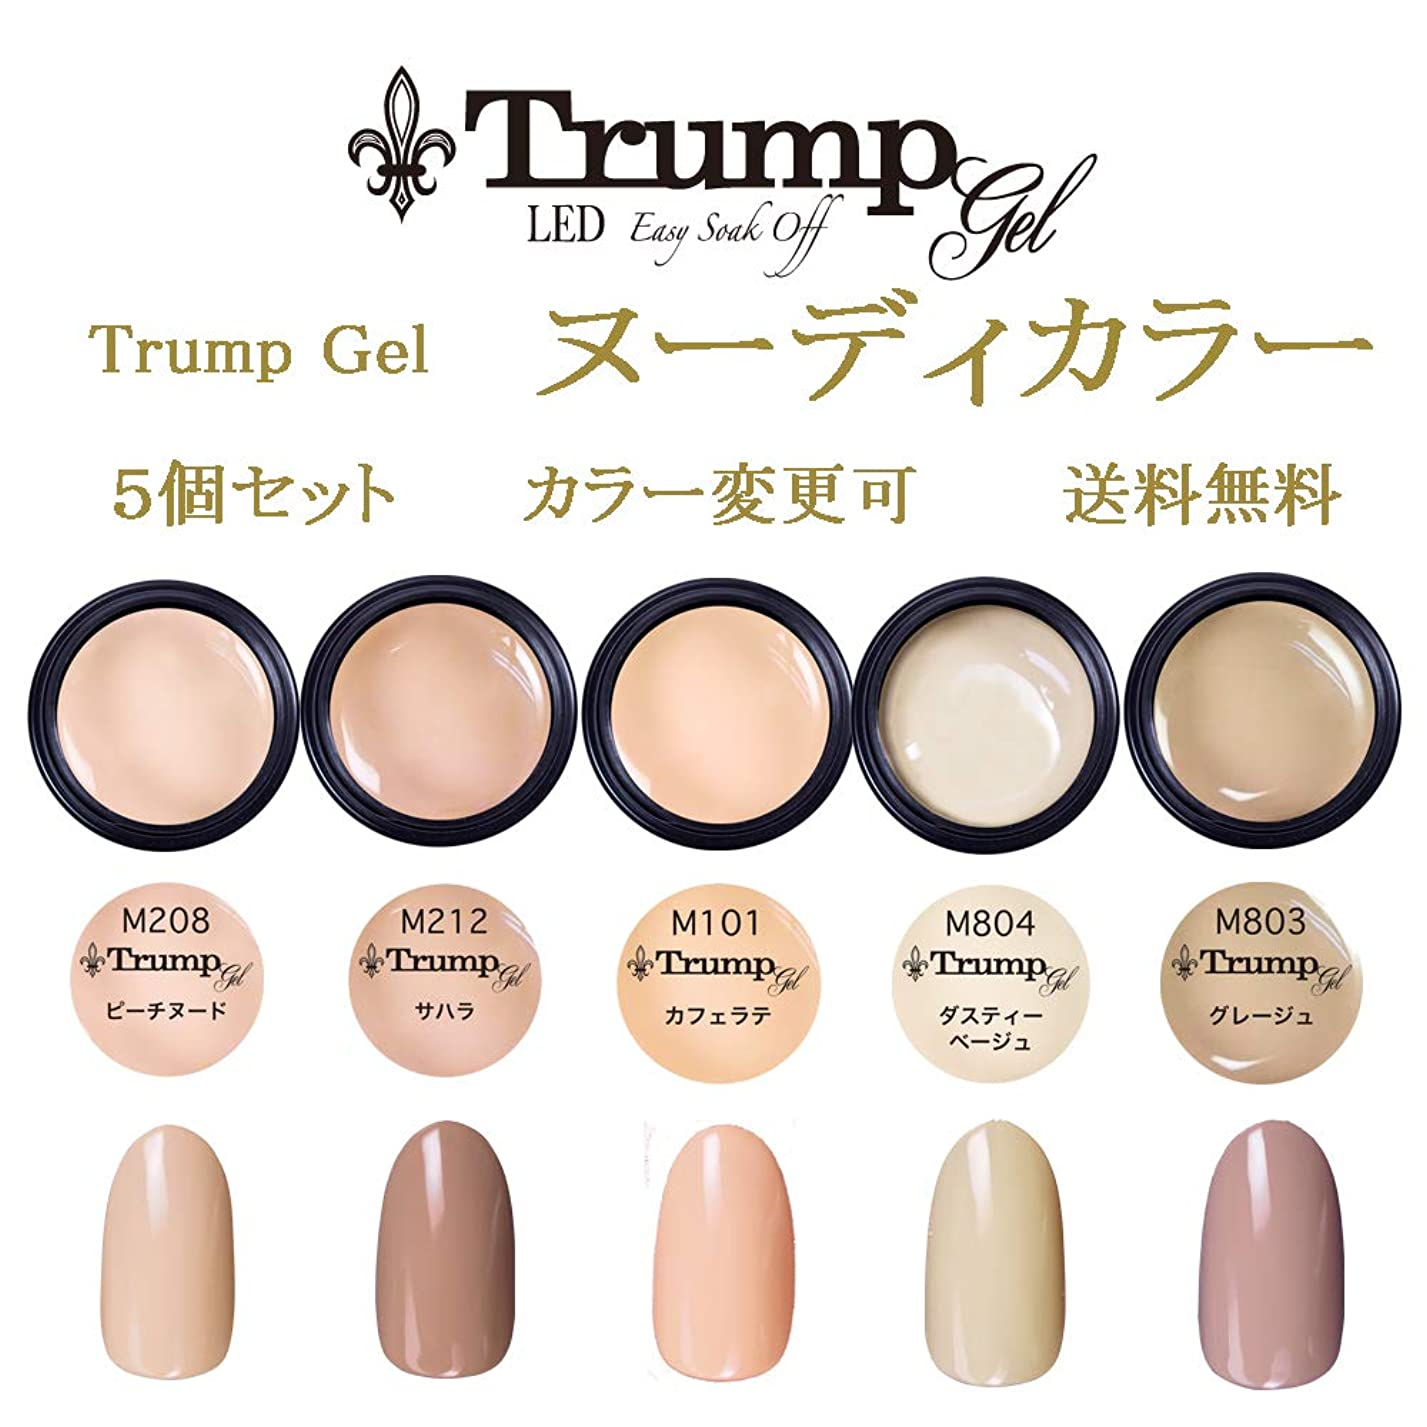 肘掛け椅子セールスマン郵便屋さん日本製 Trump gel トランプジェル ヌーディカラー 選べる カラージェル 5個セット ベージュ ブラウン ピンク